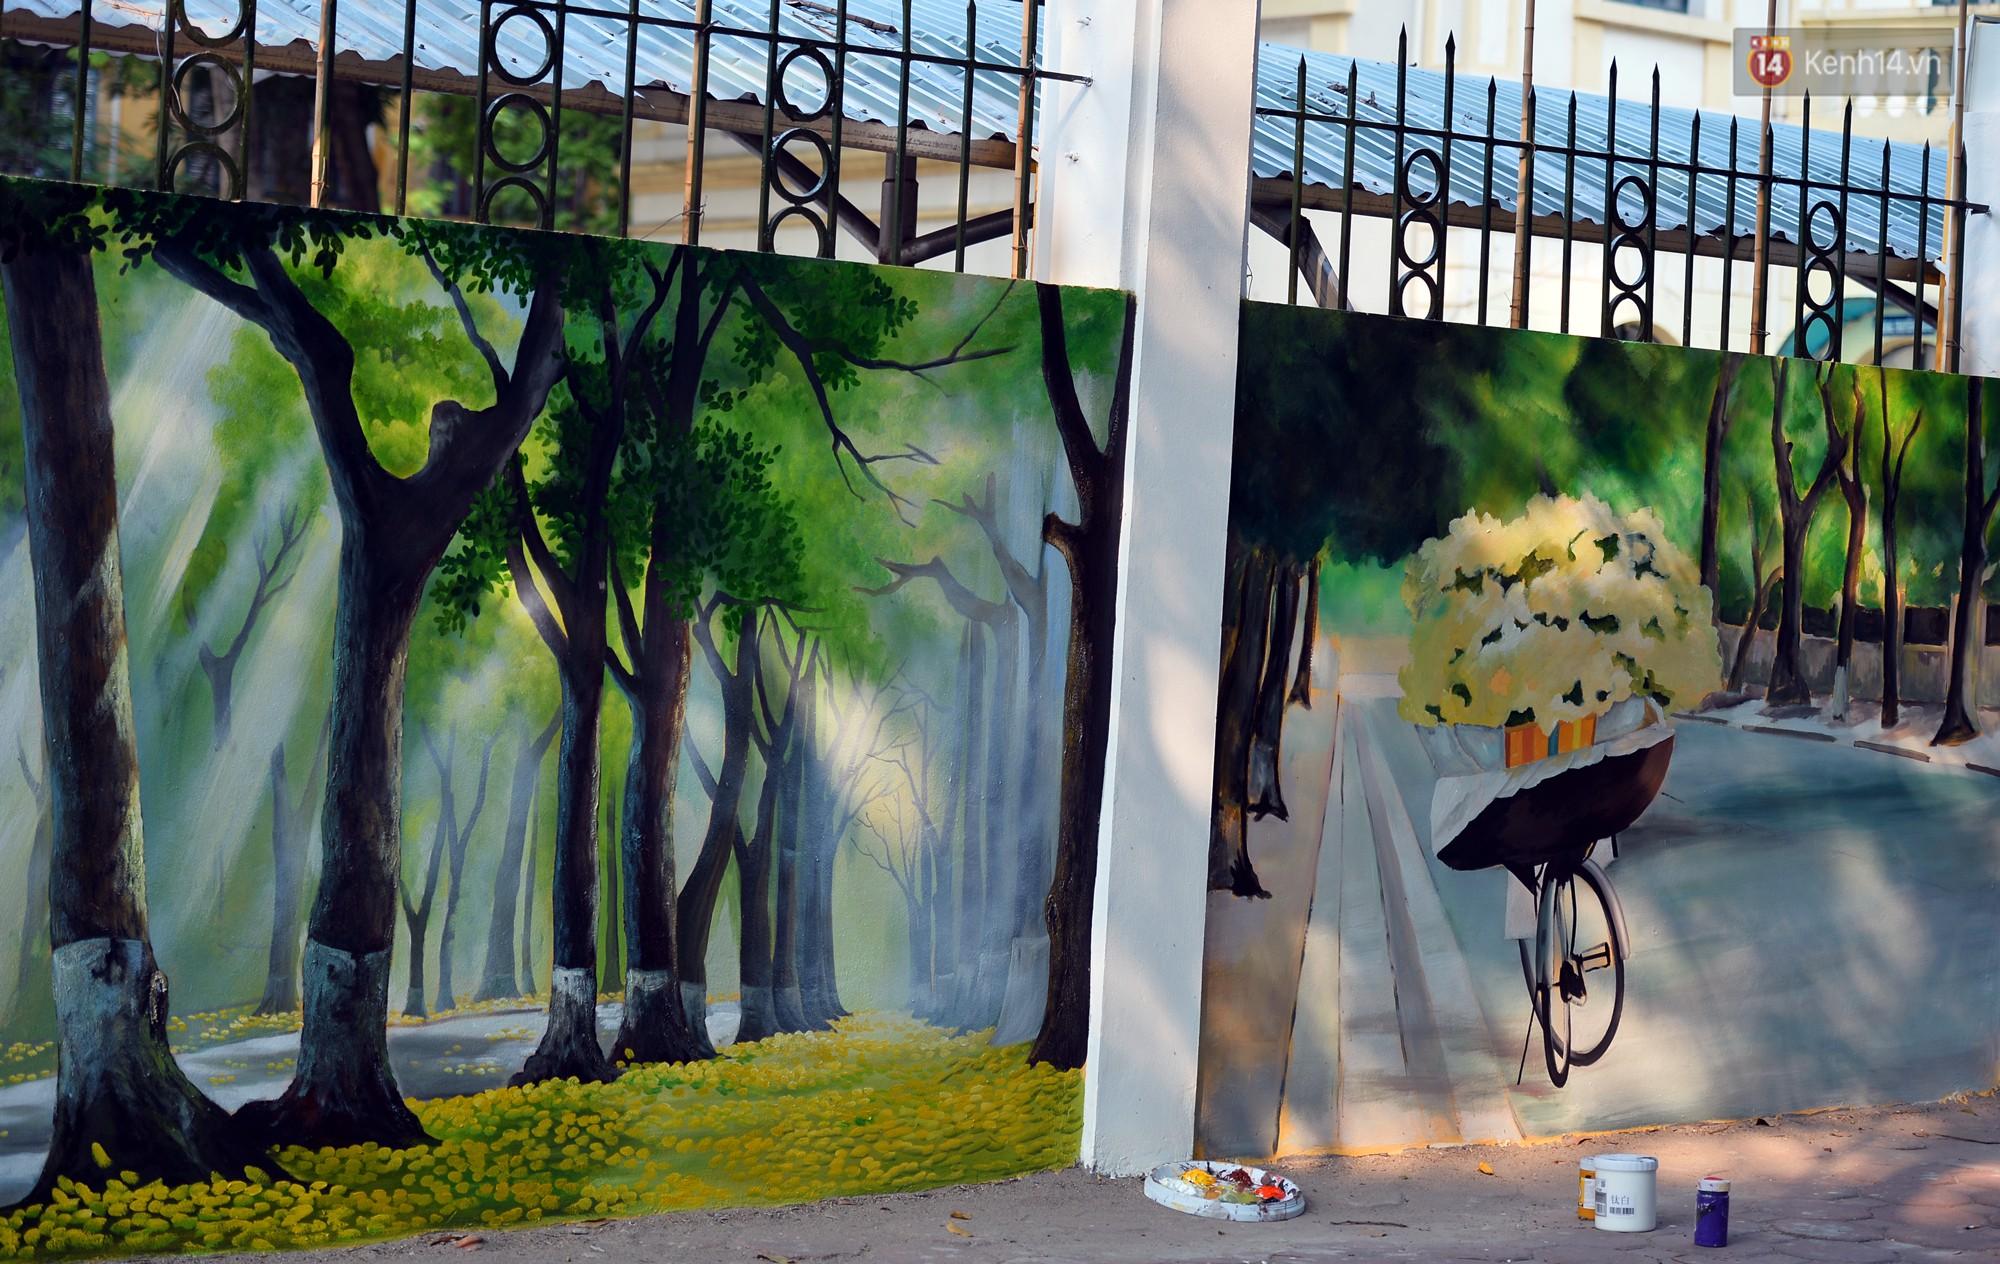 Dãy tường rào cũ kỹ trước cổng trường Phan Đình Phùng được khoác áo mới thành con đường bích họa siêu lãng mạn về Hà Nội xưa - Ảnh 1.